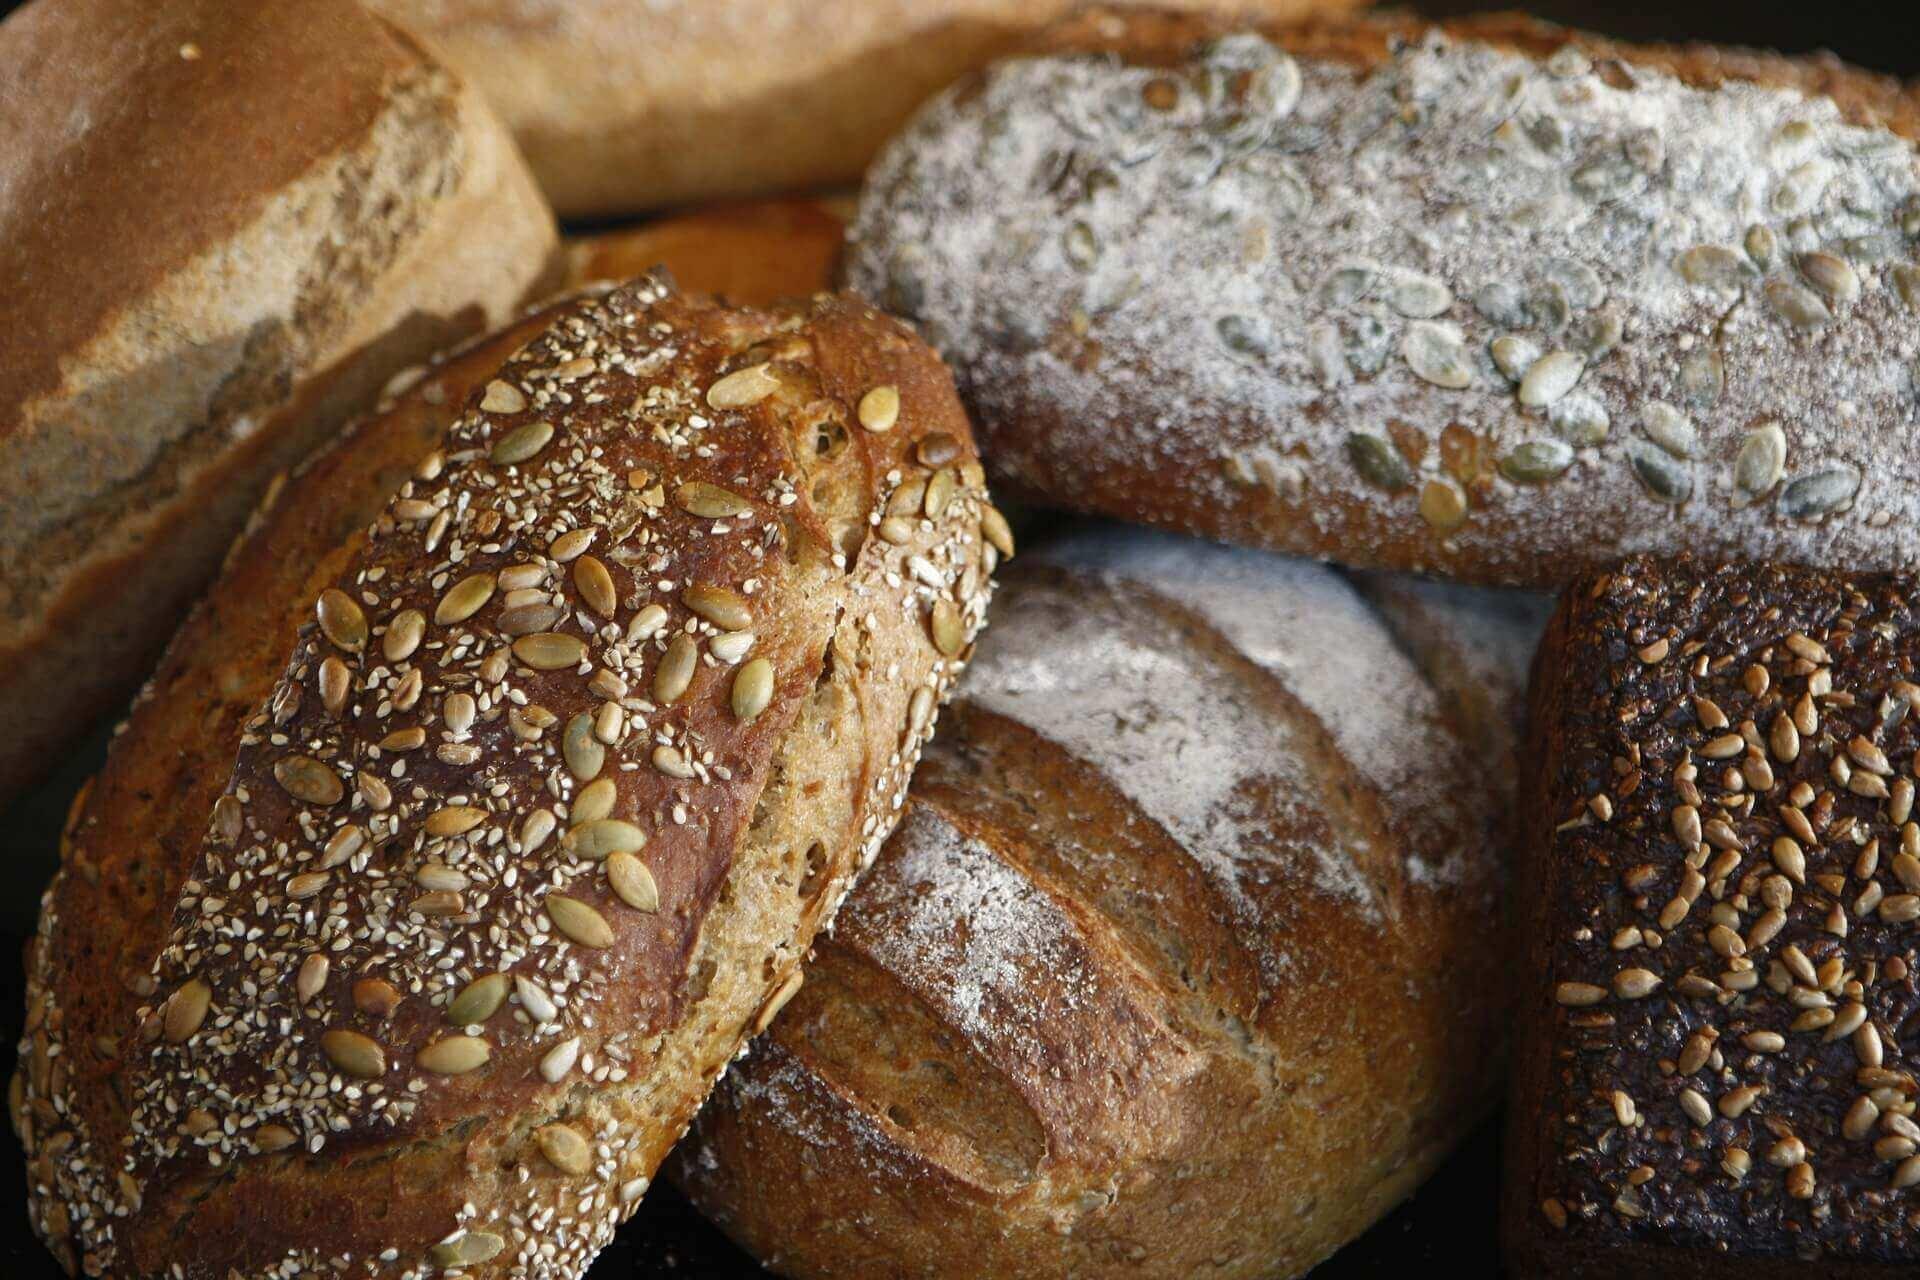 Flere lækre brød, både franskbrød og rugbrød